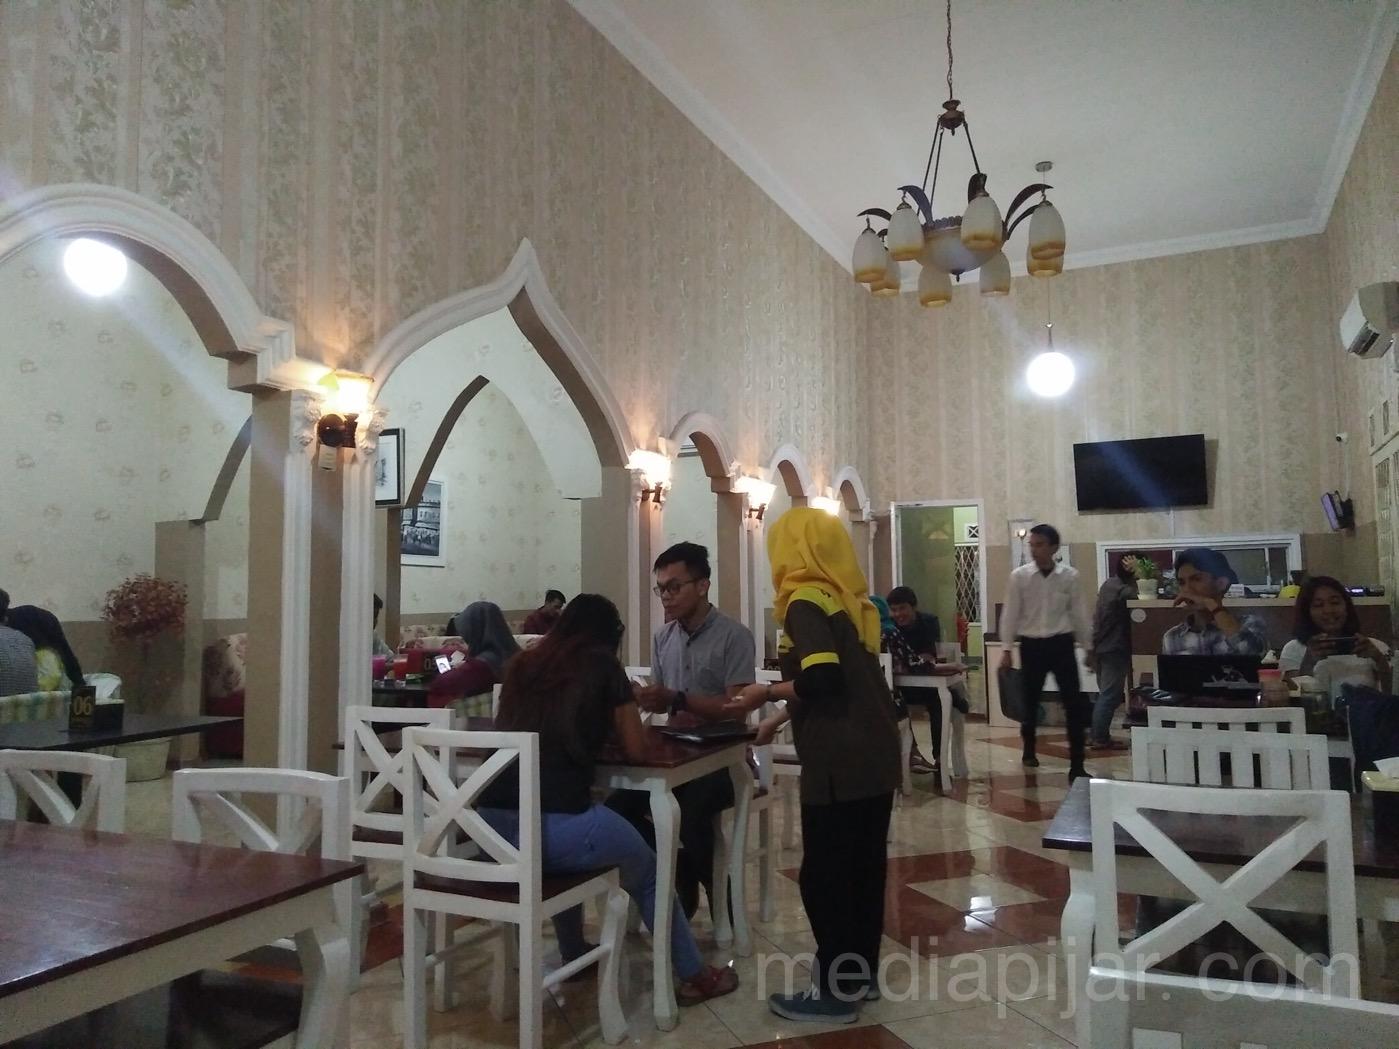 Suasana indoor kafe kembar yang terletak di Jl. Sakti Lubis, Medan. (fotografer: Savira dina)